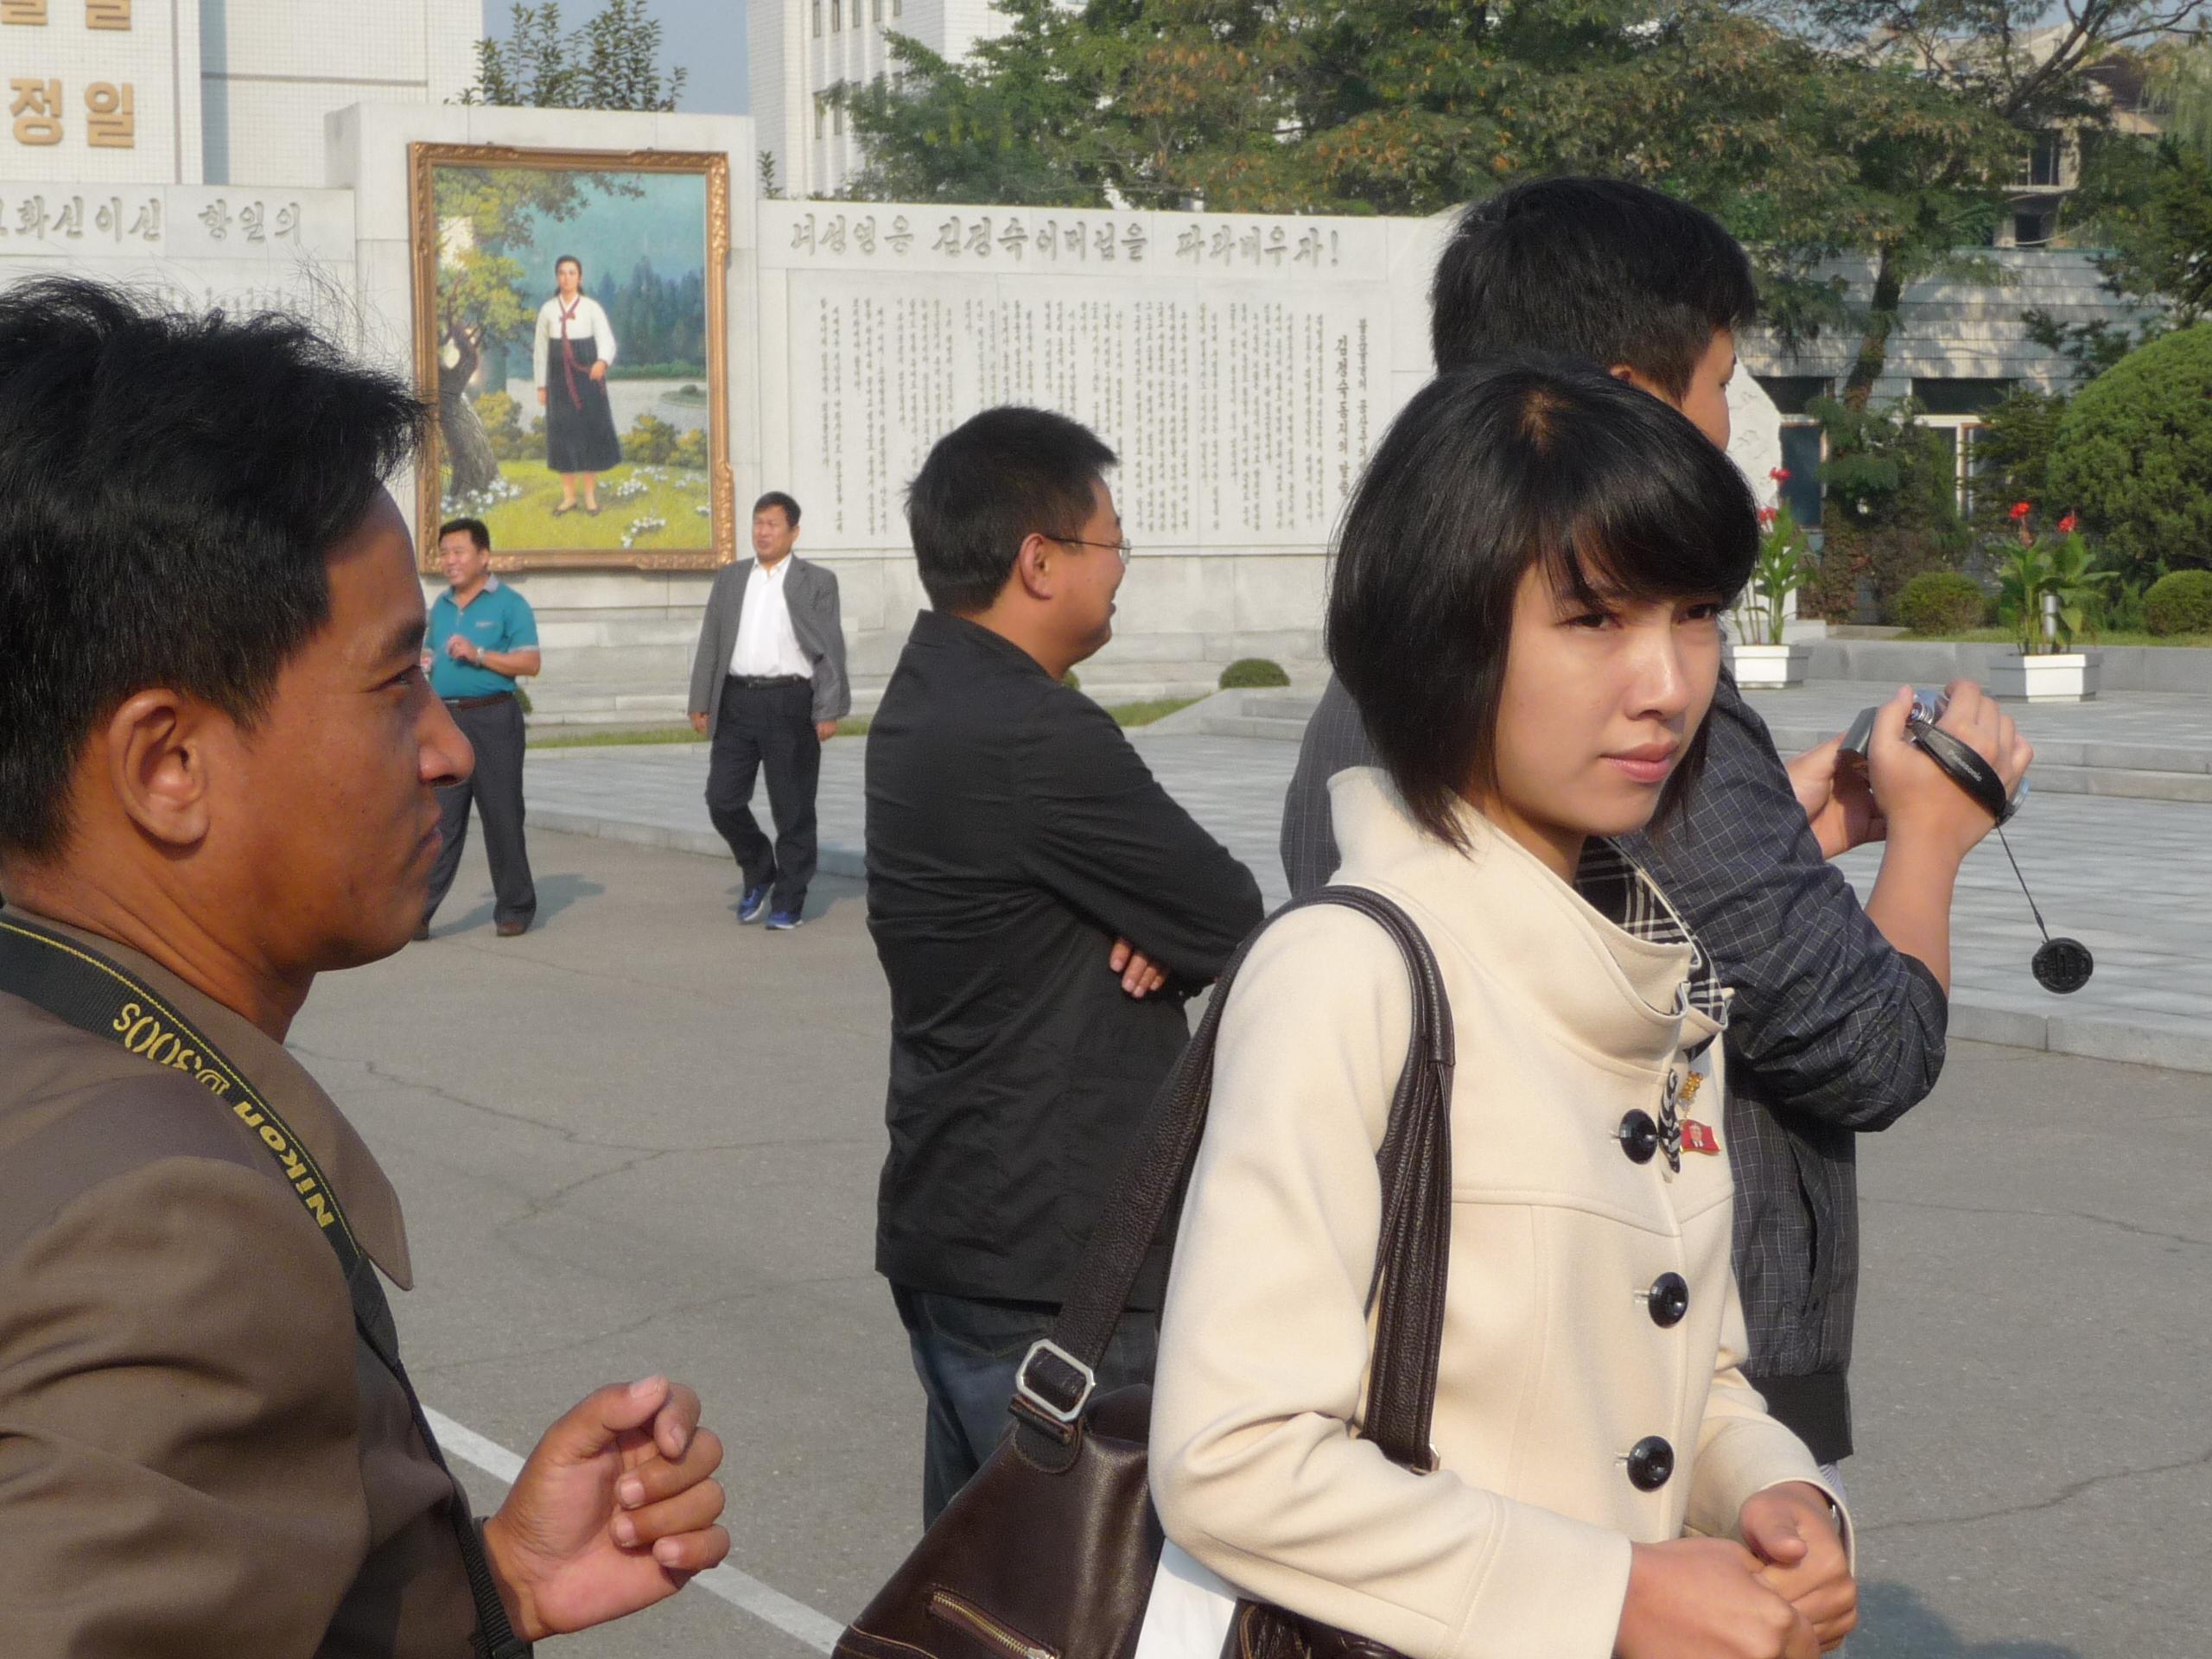 朝鲜 北风 什么/中朝友谊塔,朝方在此卖花束。20元一束,循环使用。...